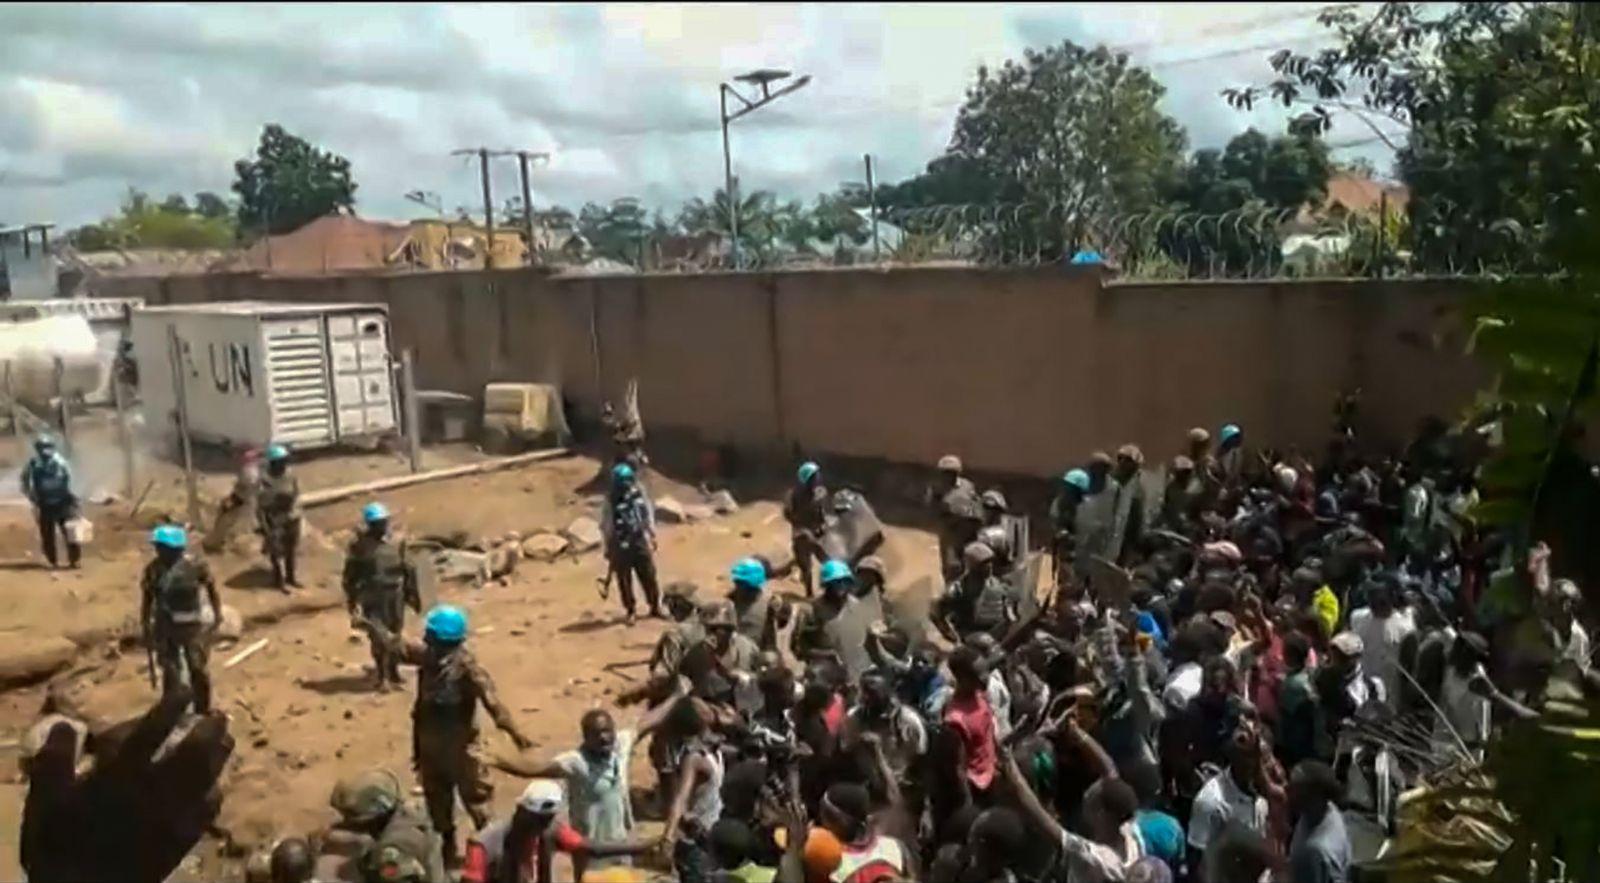 DRCONGO-UNREST-UN